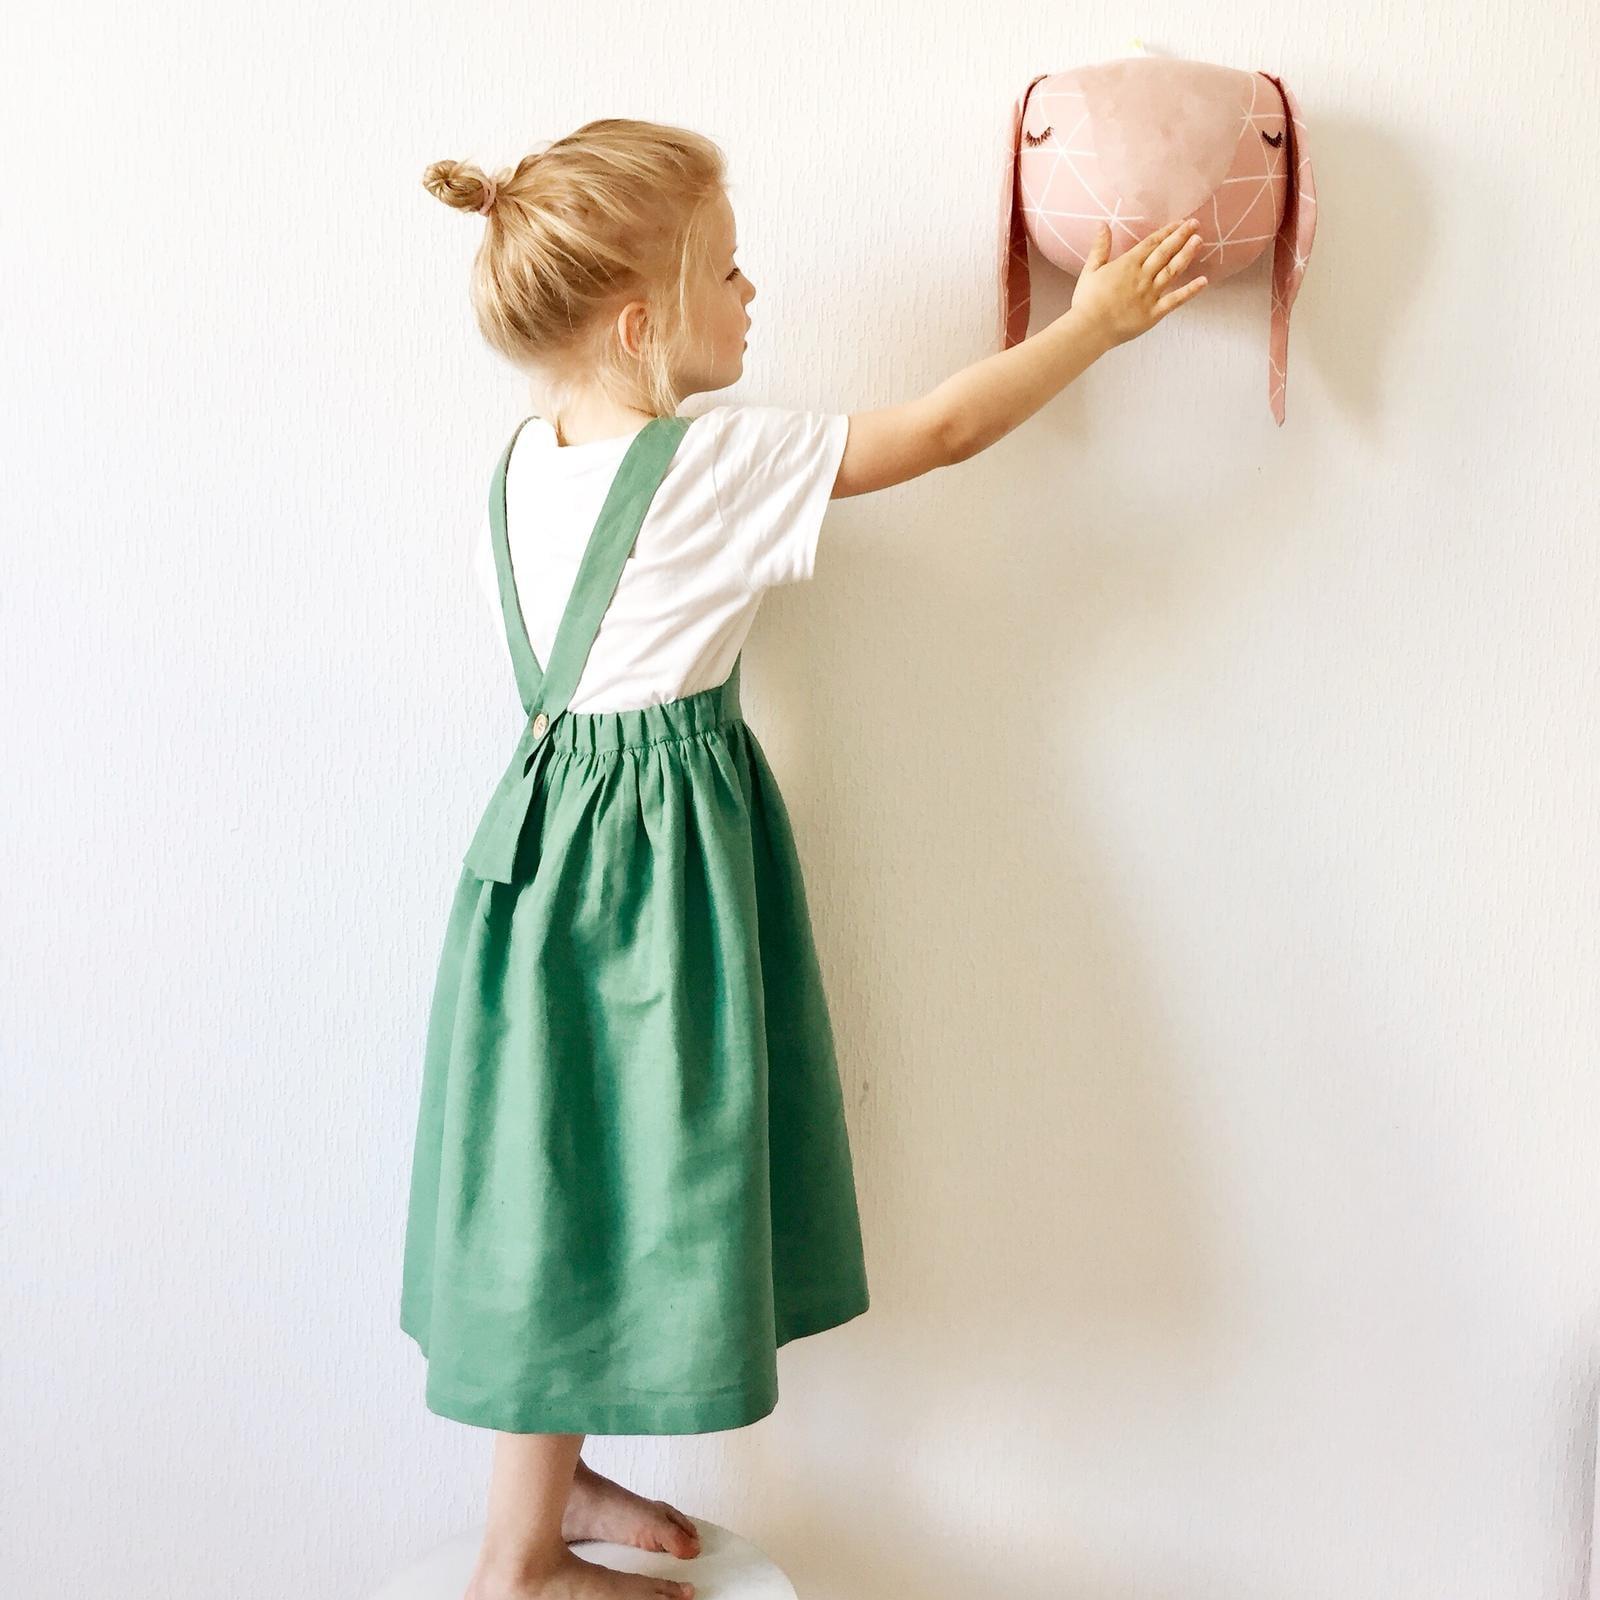 ארנבון ורוד לתליה על הקיר